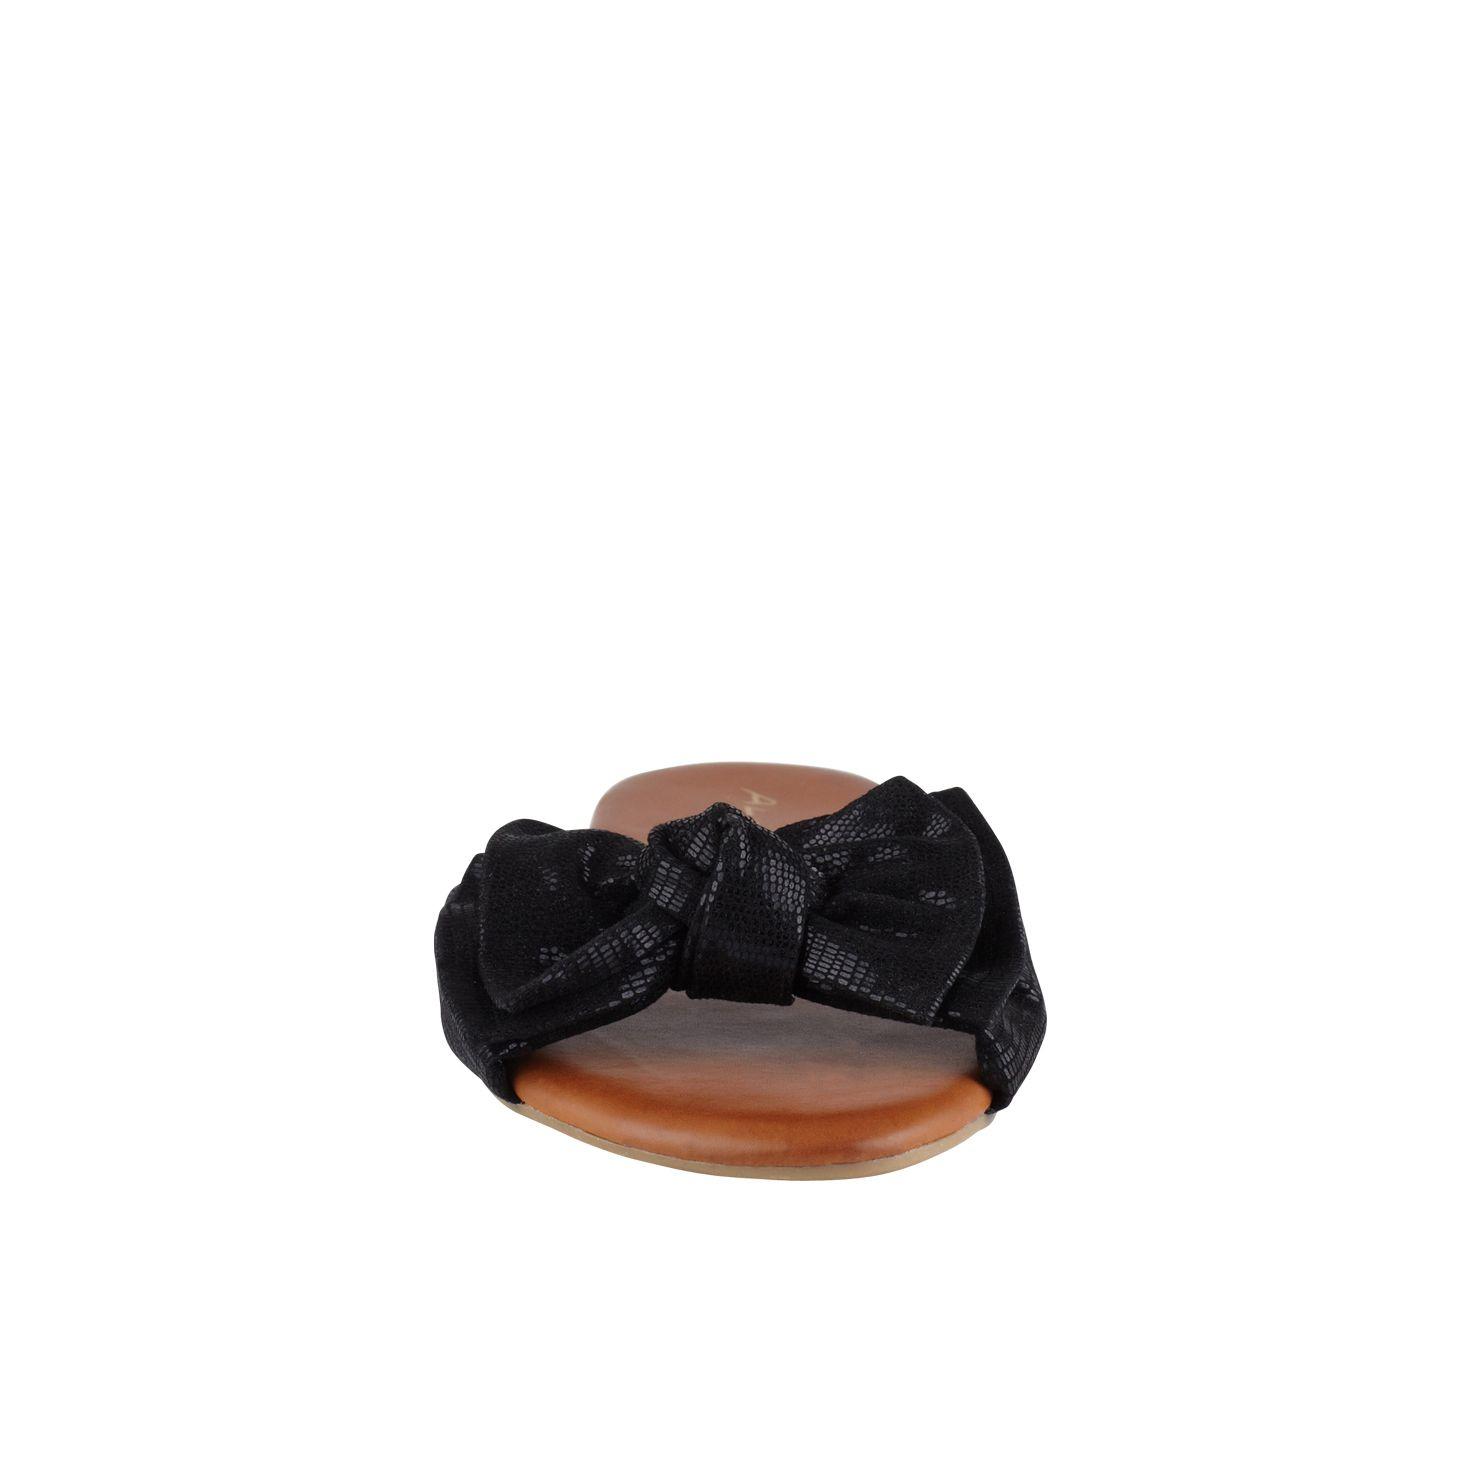 Aldo Gwiwen Bow Detail Flat Sandals In Black Lyst